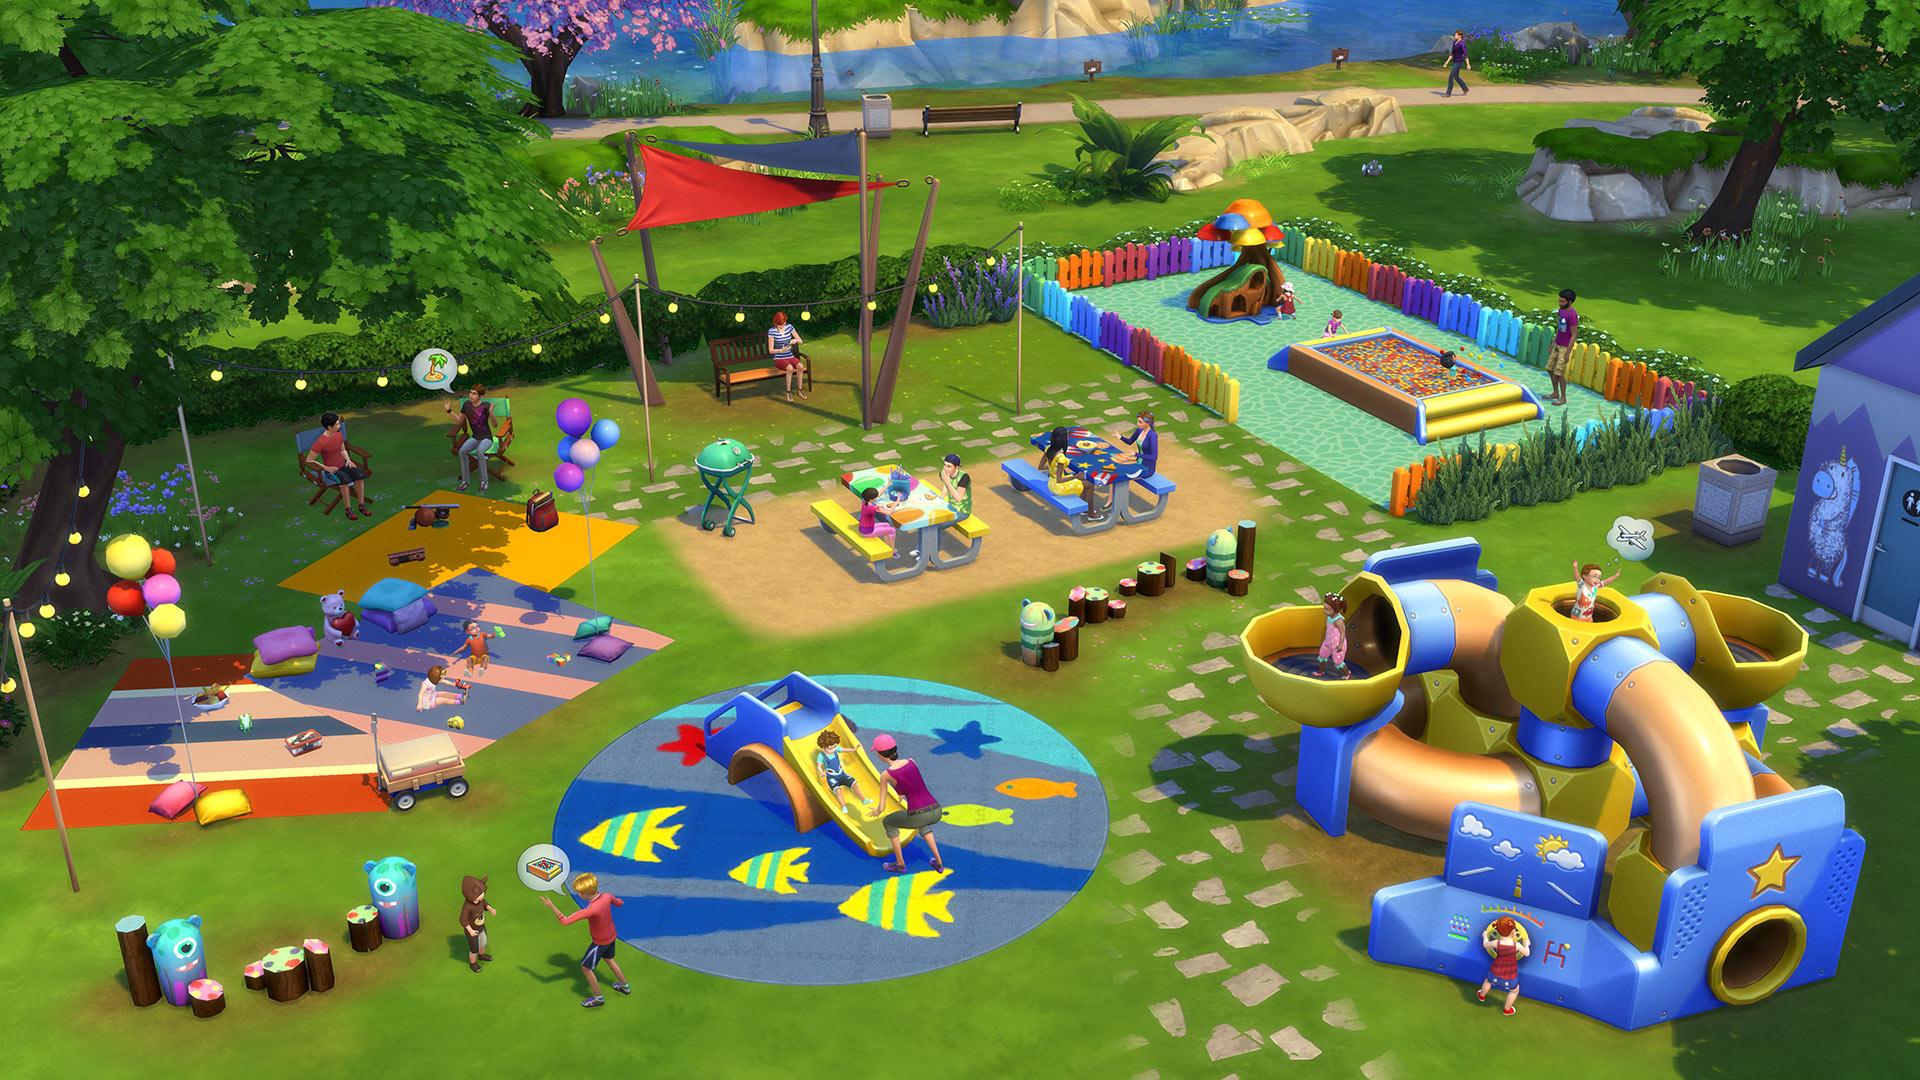 The Sims 4 Małe dzieci akcesoria zdjęcie